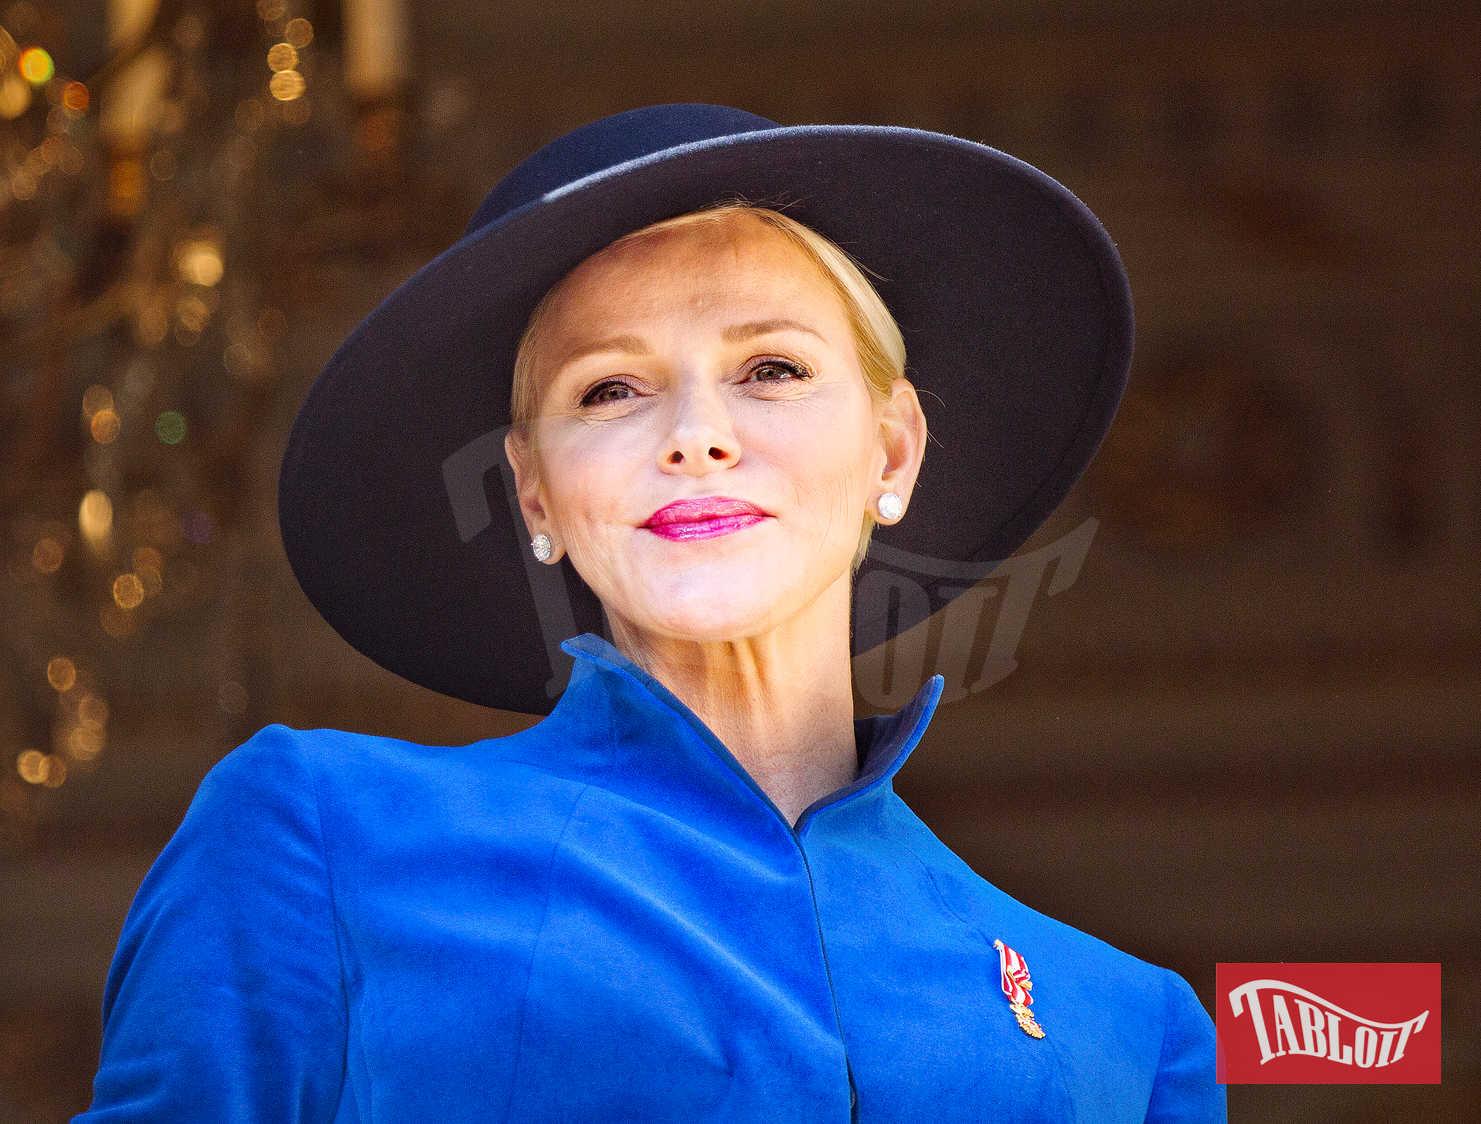 Domenica la famiglia reale si è riunita per celebrare Giornata Nazionale del Principato: elegantissima Charlene con cappottino blu elettrico e cappello scuro a tesa larga